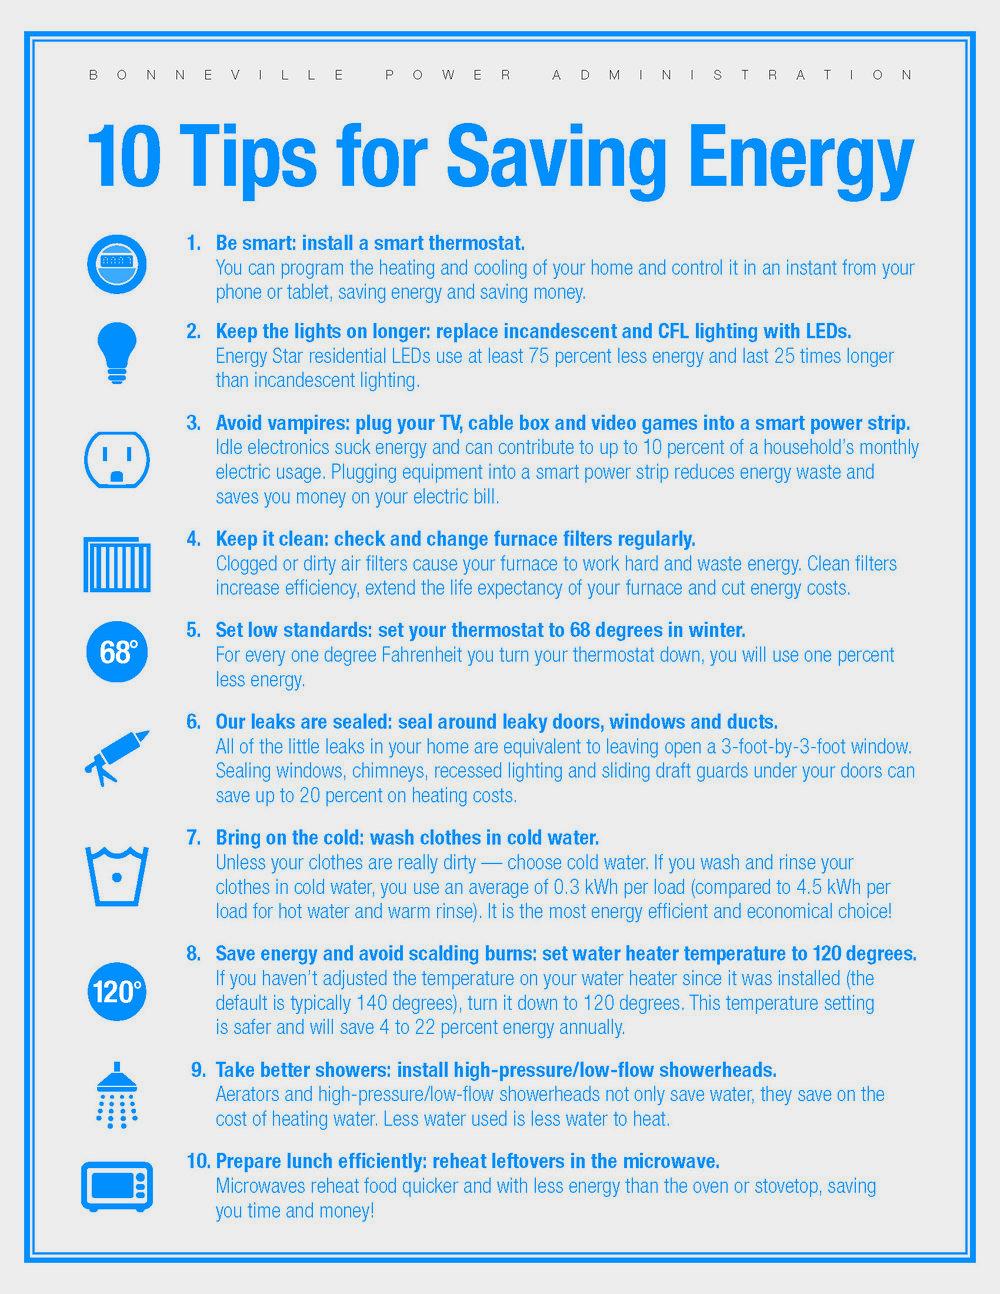 10-Tips-for-Saving-Energy.jpg